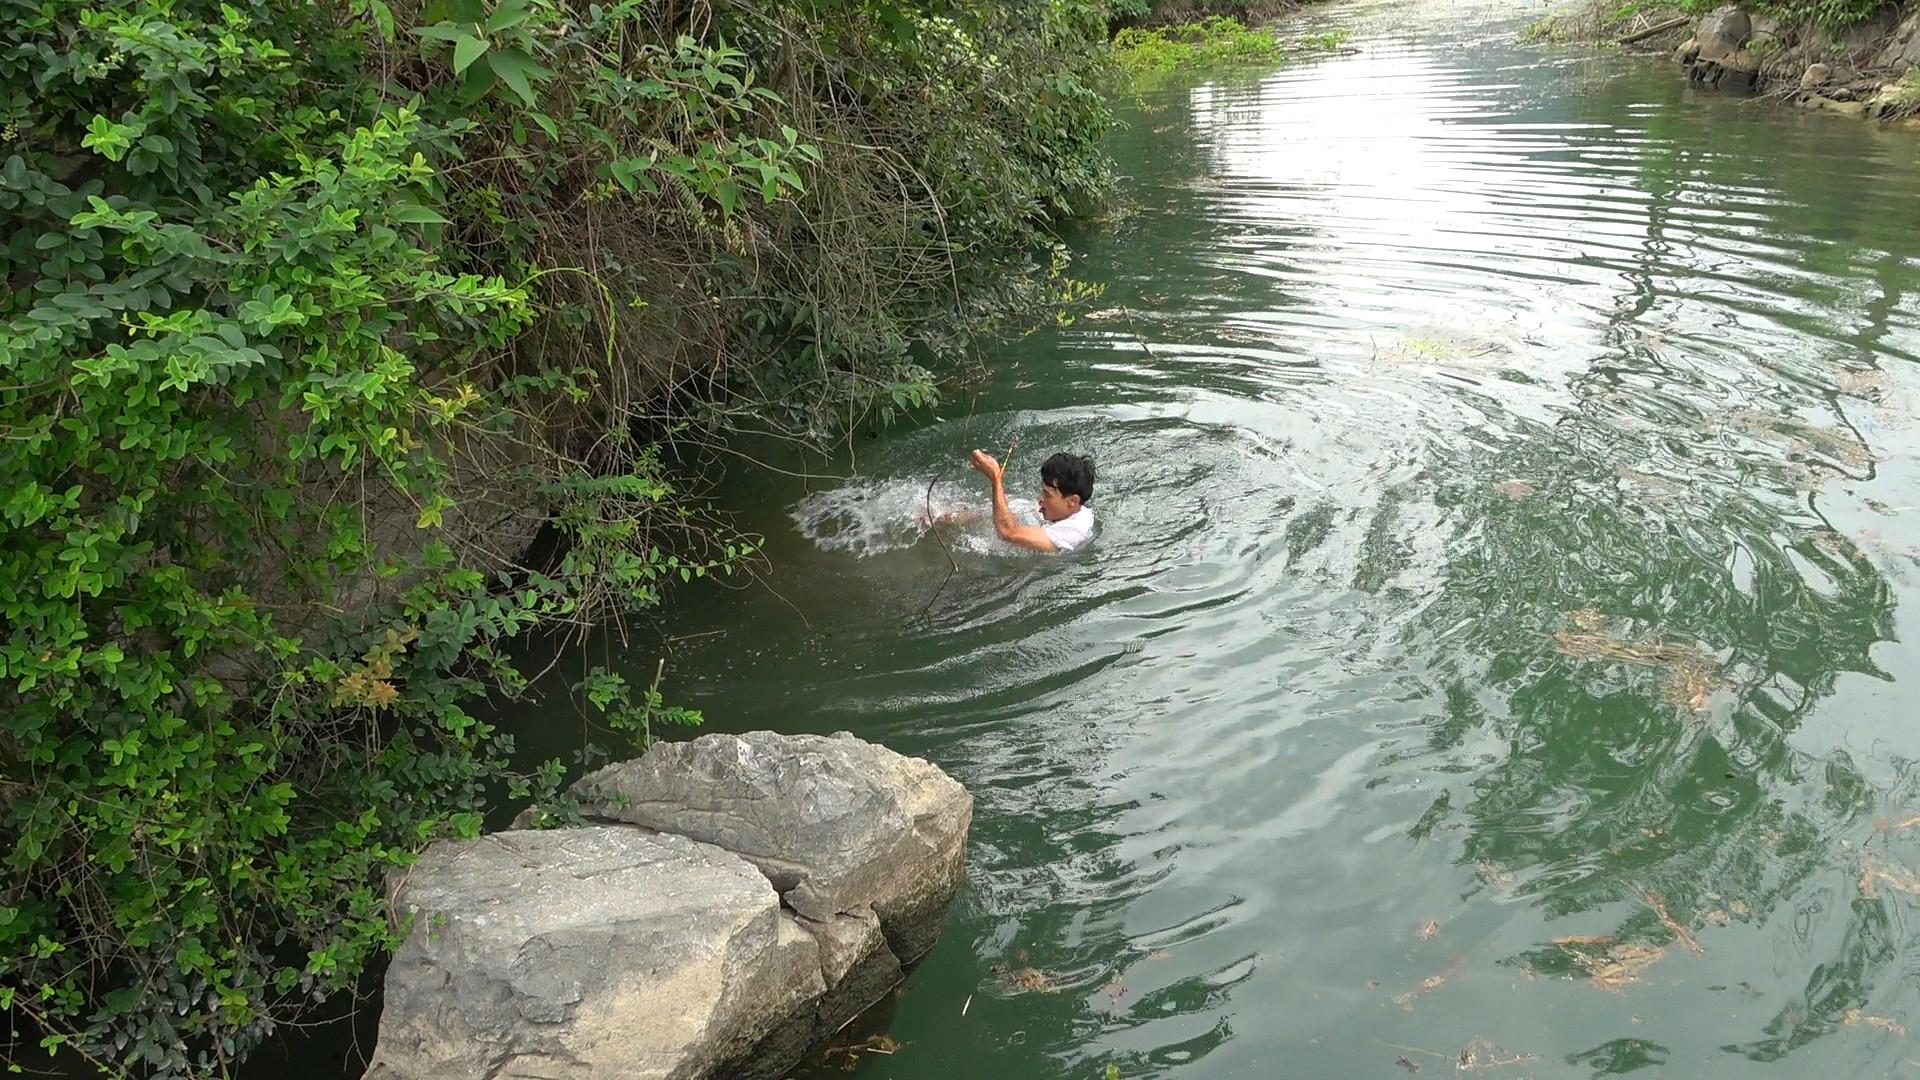 小伙河边野钓遇巨物咬钩,竿子被拉断拖入水中,太刺激了